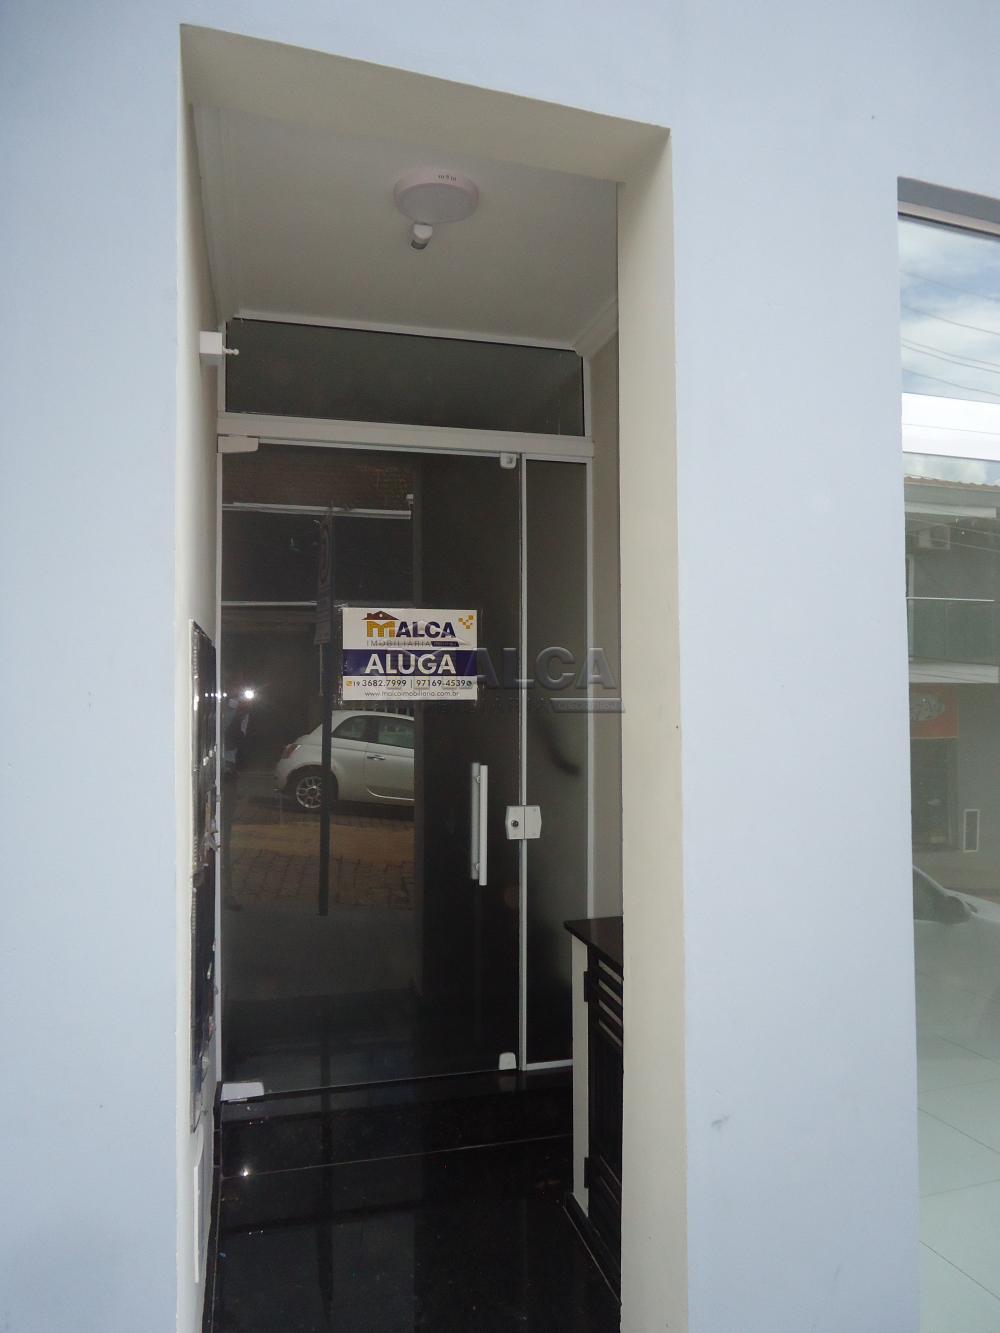 Alugar Comerciais / Salões em São José do Rio Pardo apenas R$ 1.500,00 - Foto 2